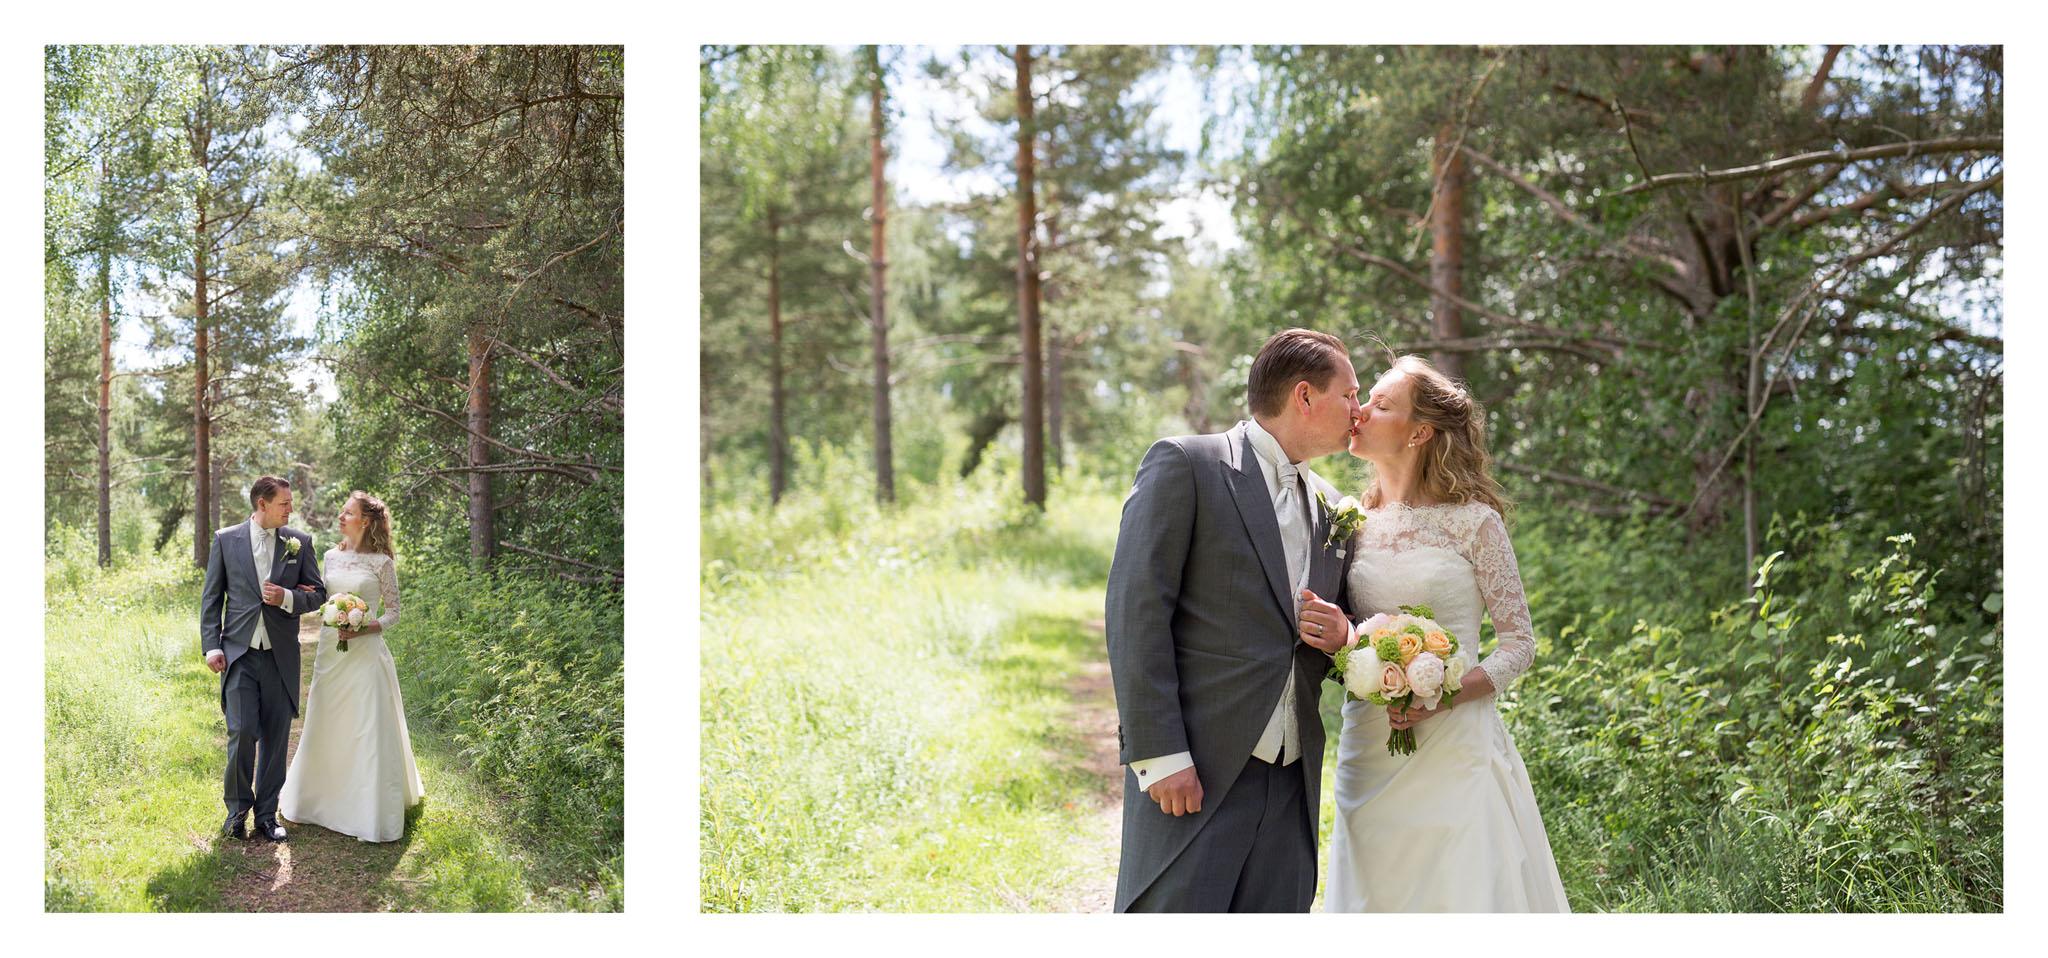 bröllop_fotograf_järvsö_hudiksvall_sundsvall_söderhamn_bollnäs_ljusdal_sabina_Wixner_9.jpg